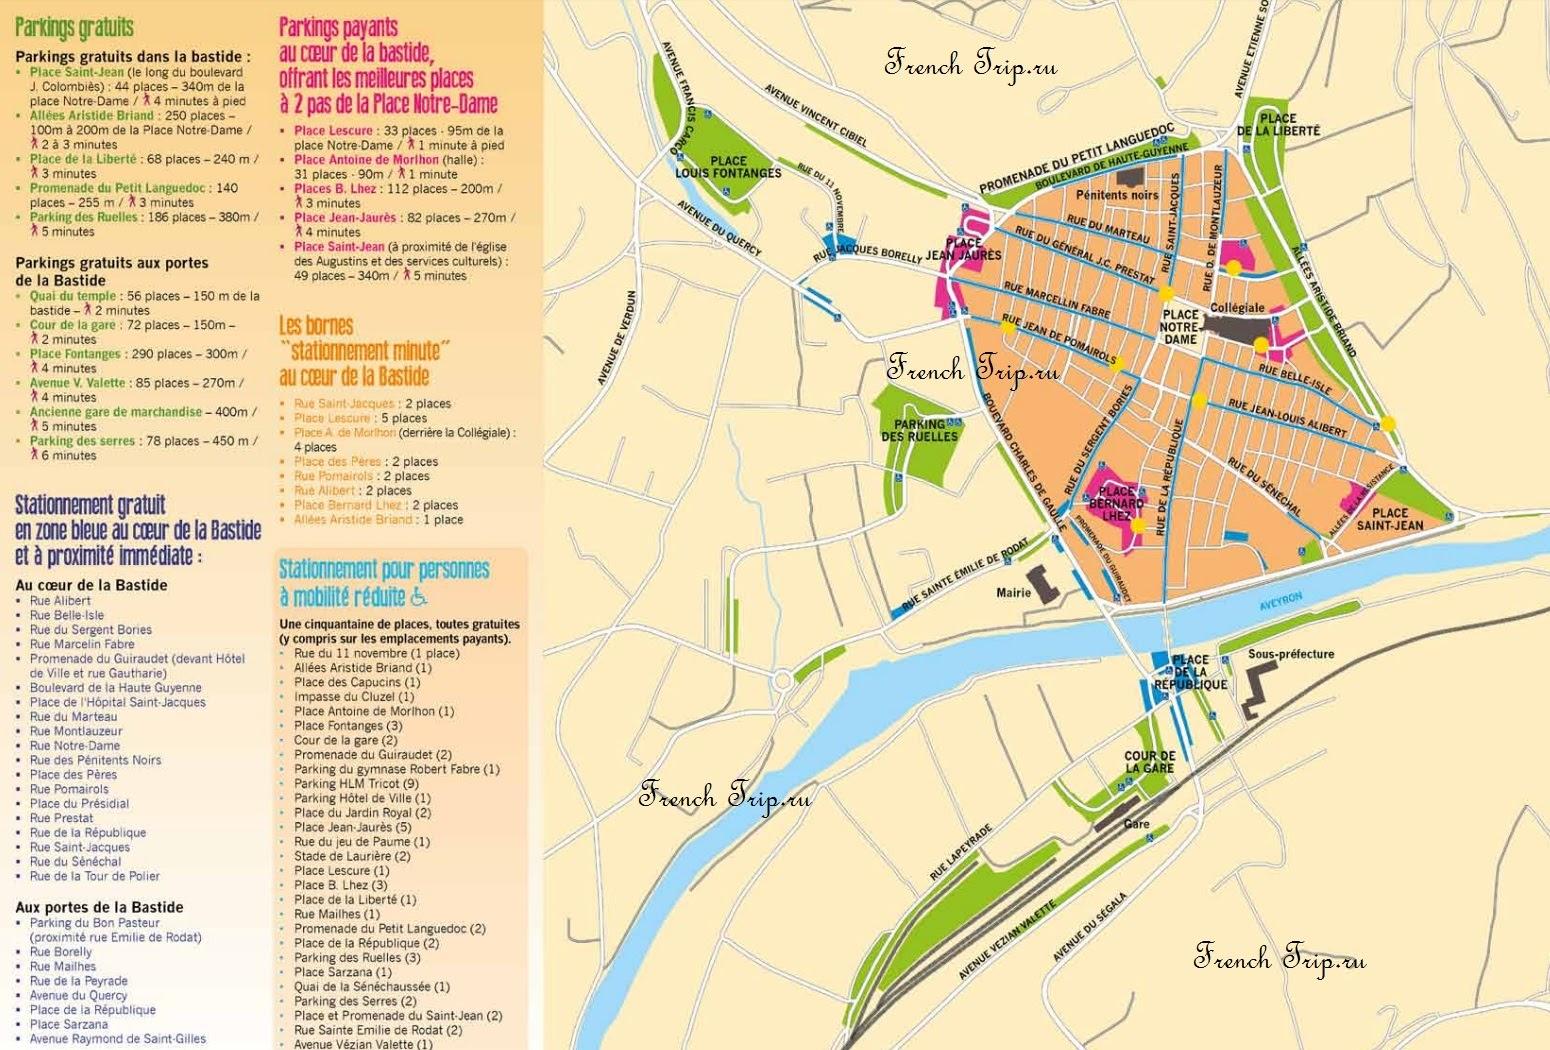 Парковки в Villefranche-de-Rouergue (Вильфранш-де-Руэрг)